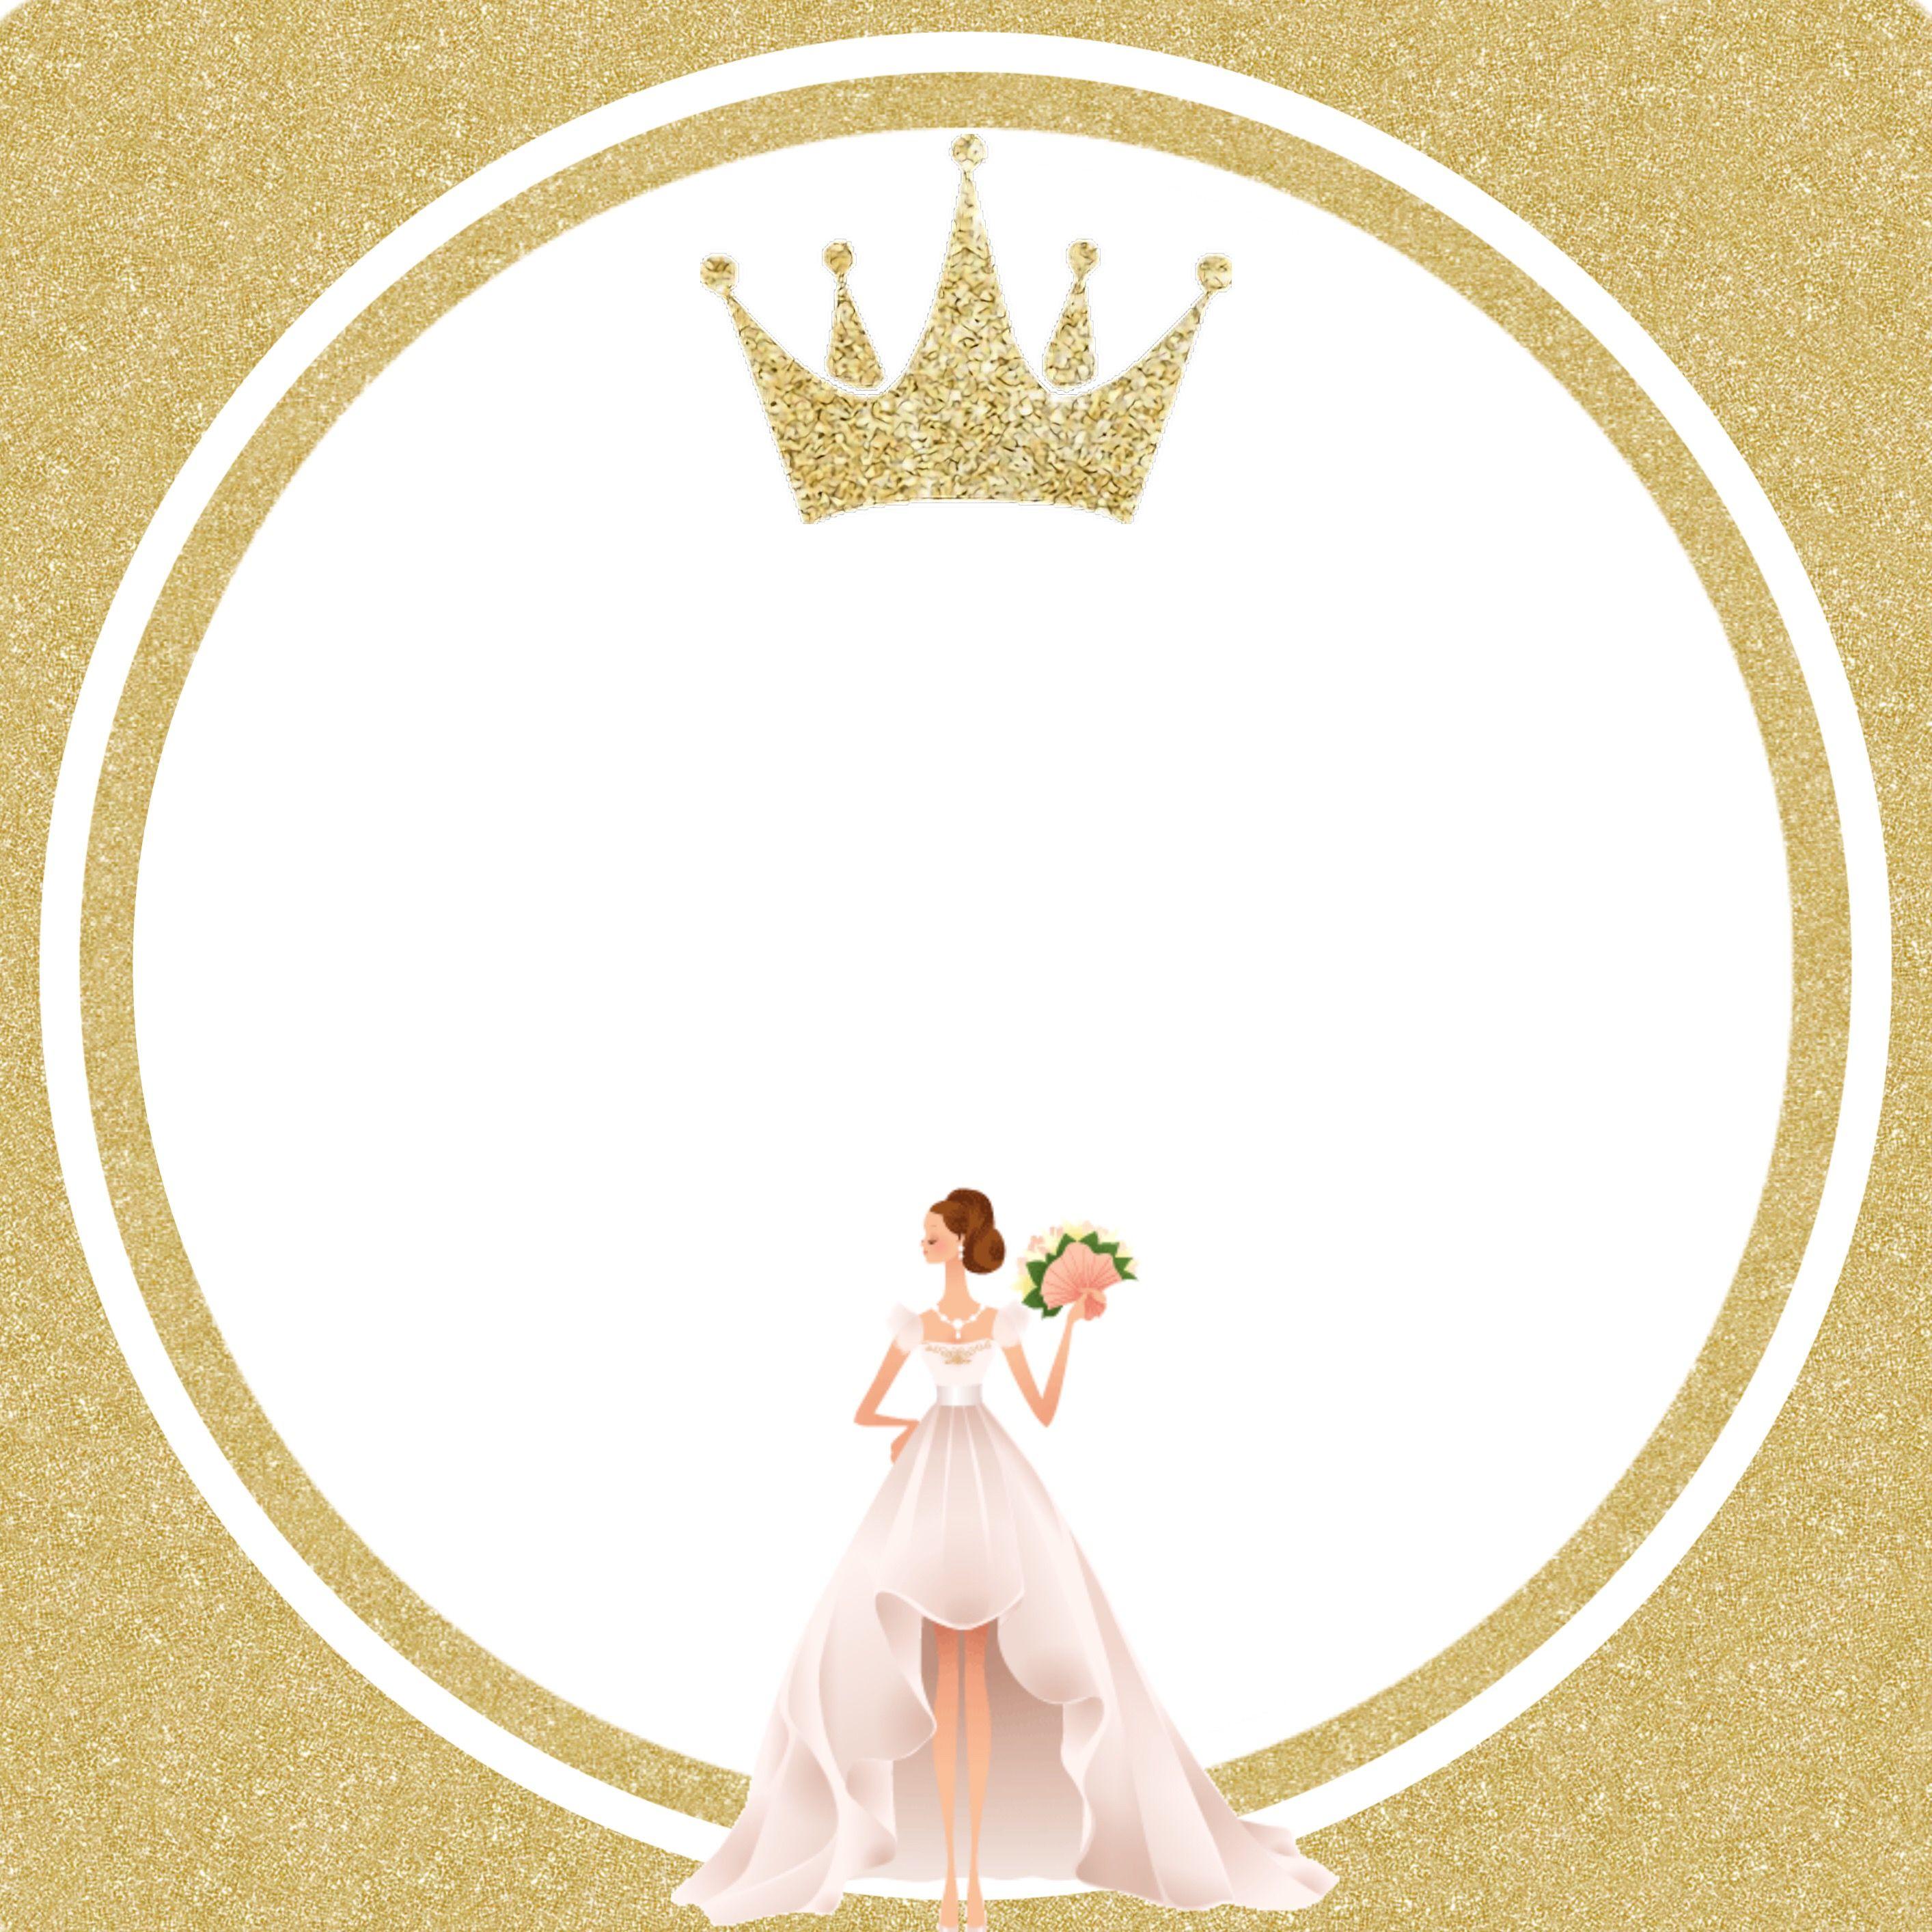 Poster Wedding Cards Images Pink Background Images Wedding Card Design